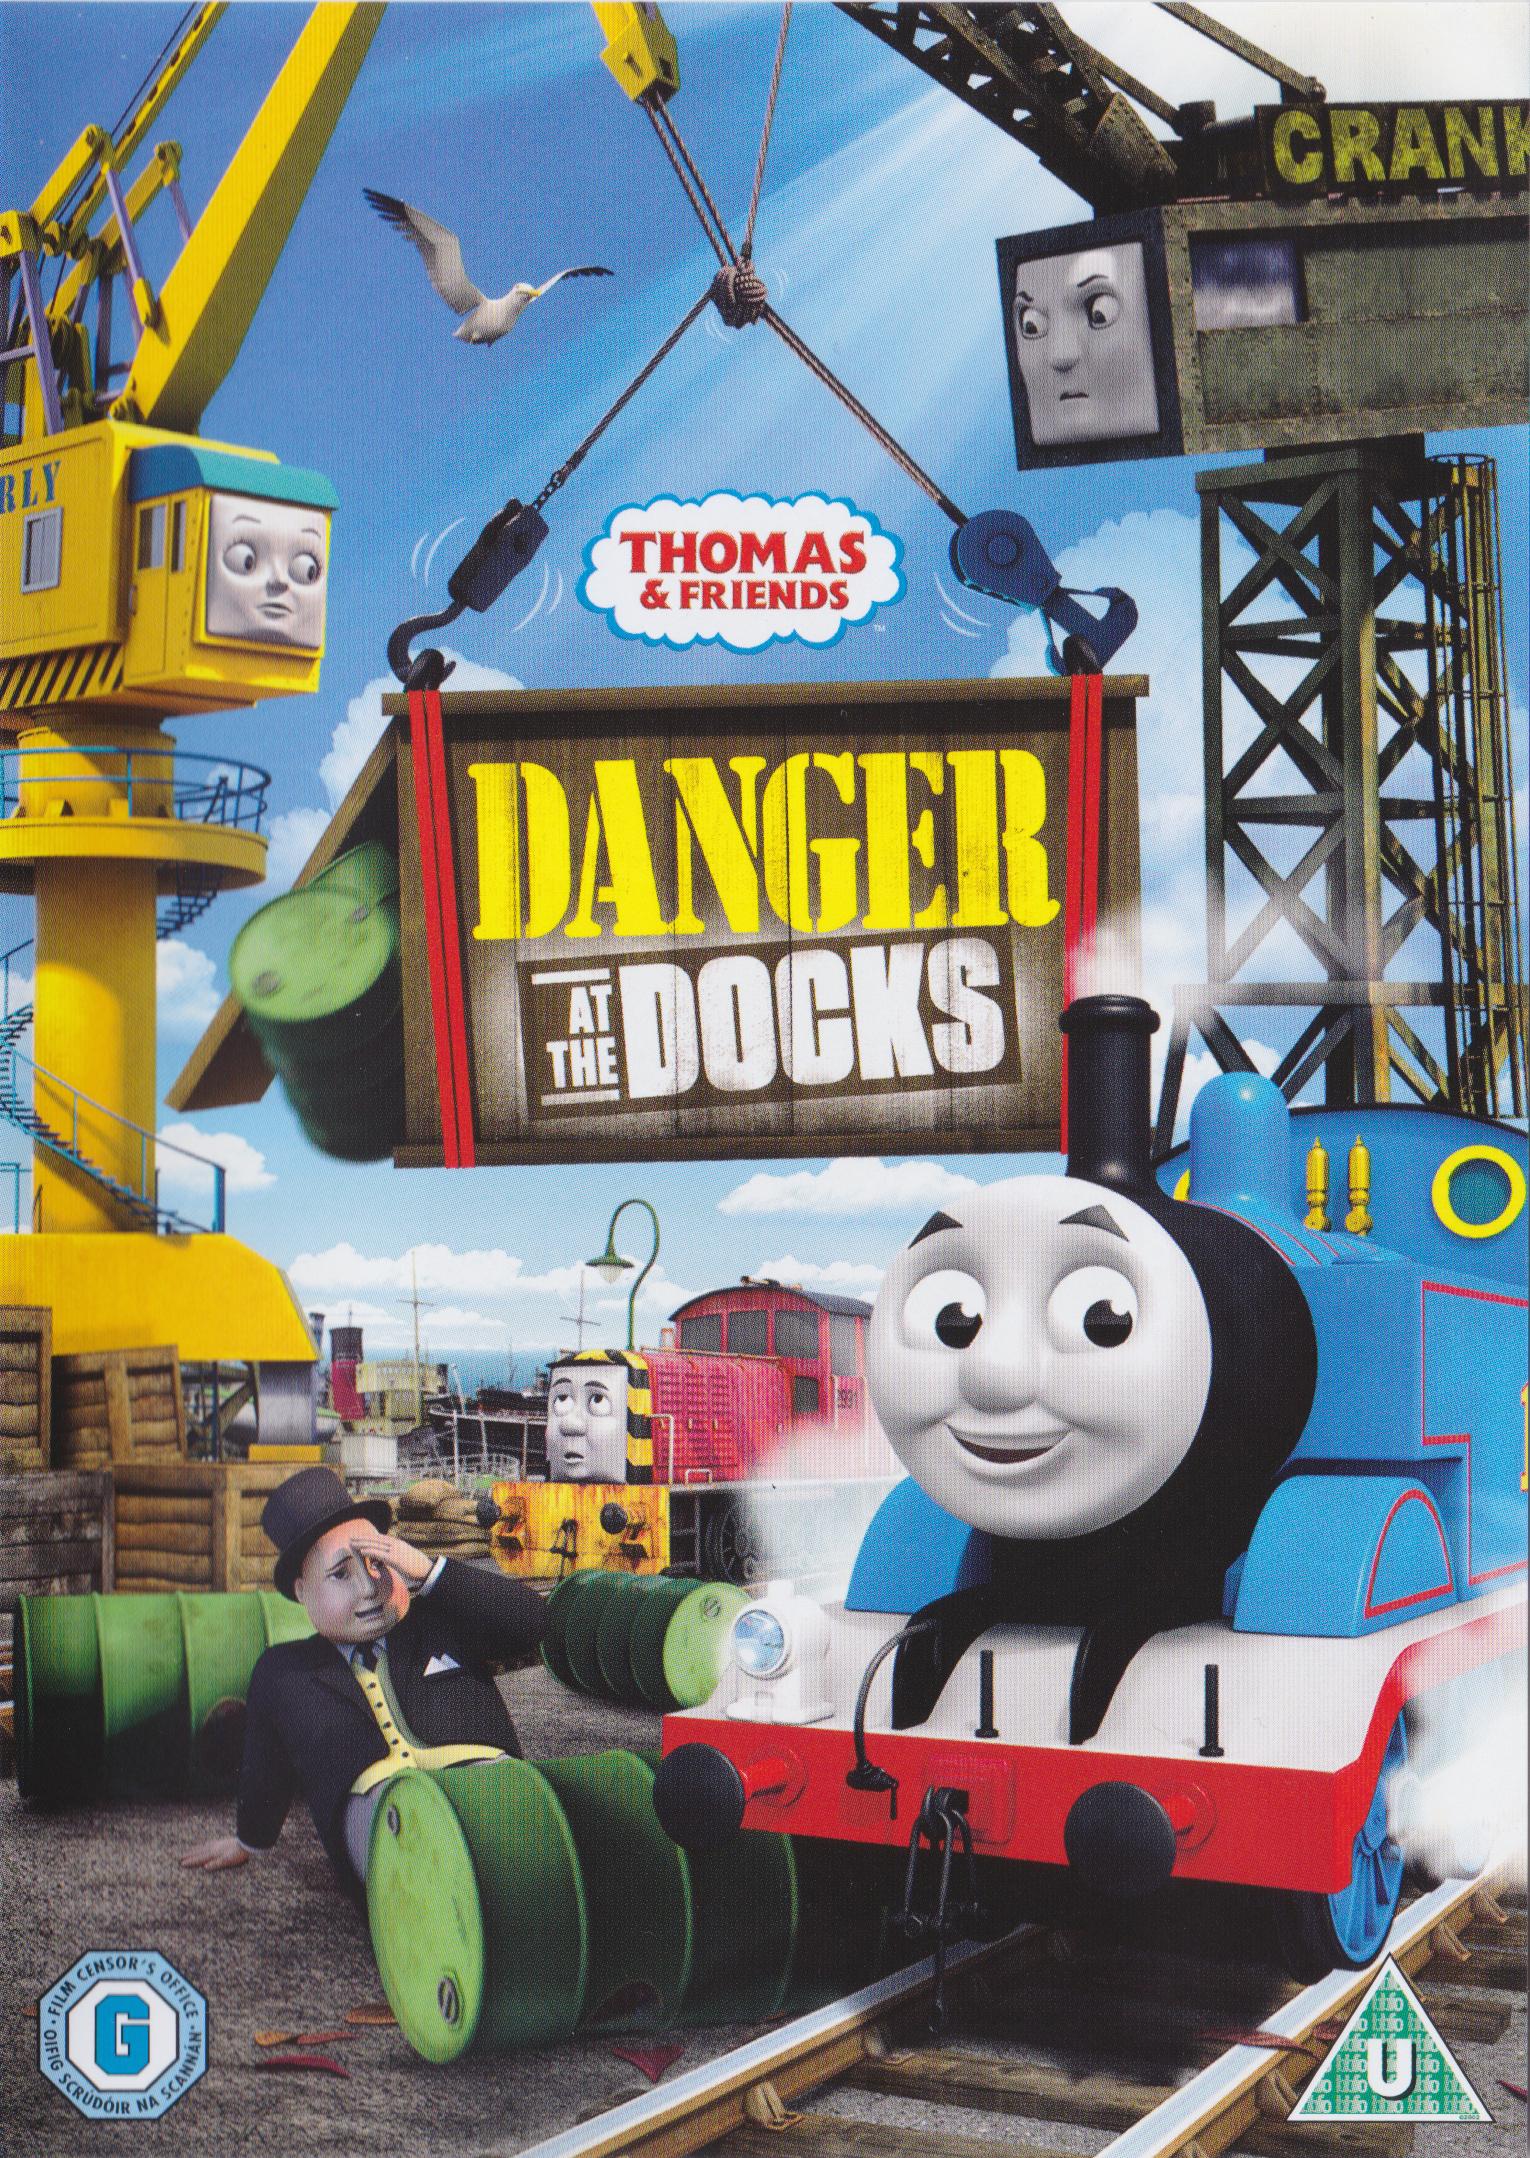 Danger at the Docks